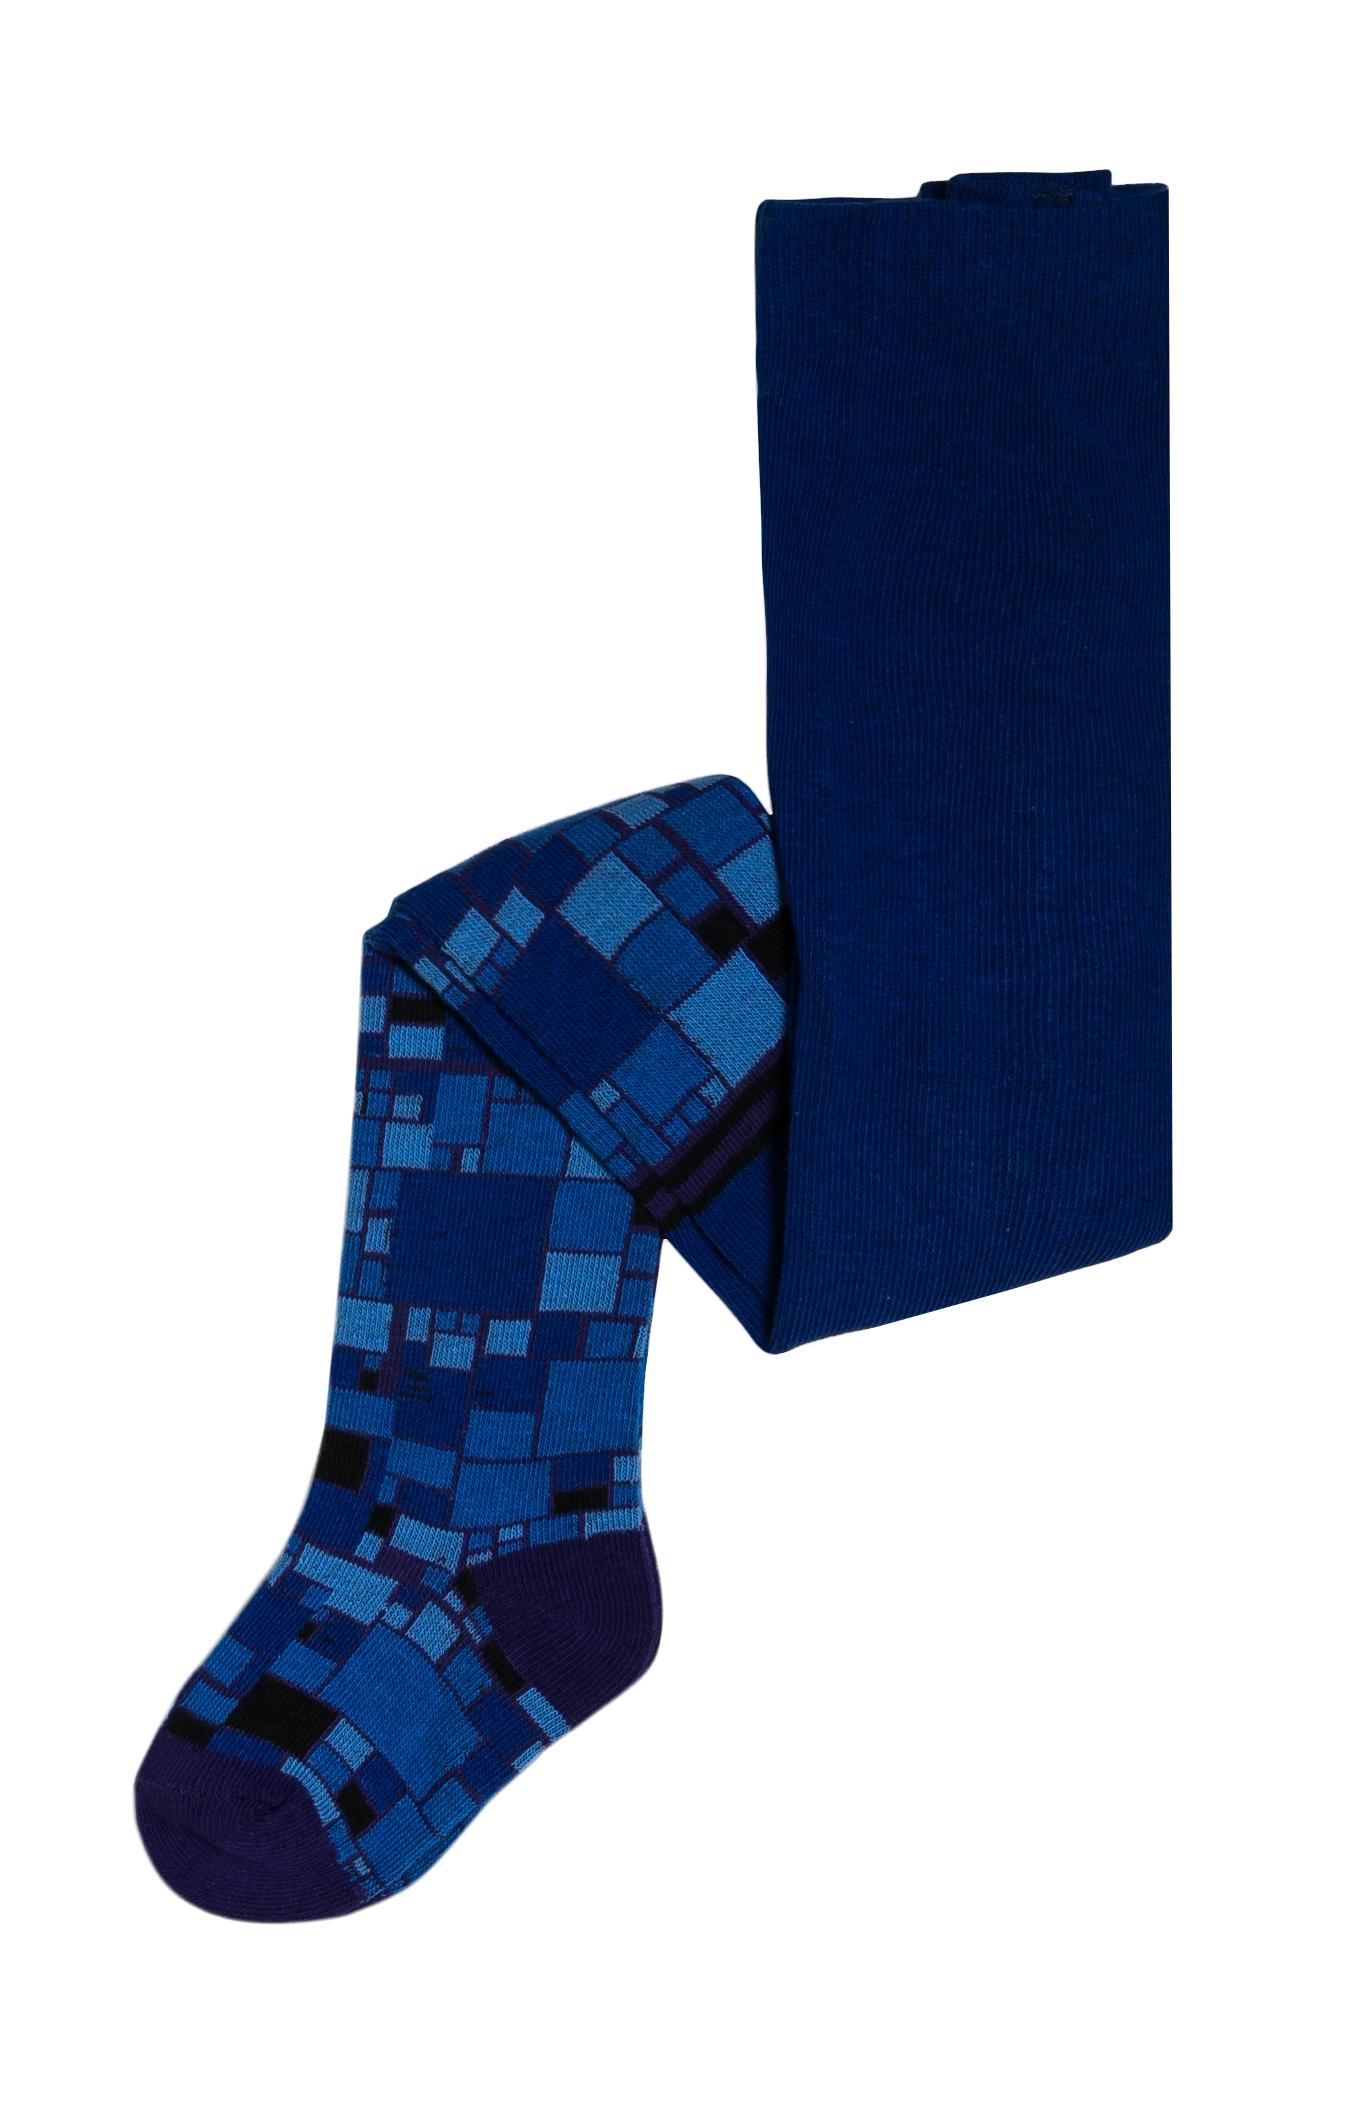 Купить Колготки для мальчика Barkito, синие с рисунком, Китай, blue, Мужской